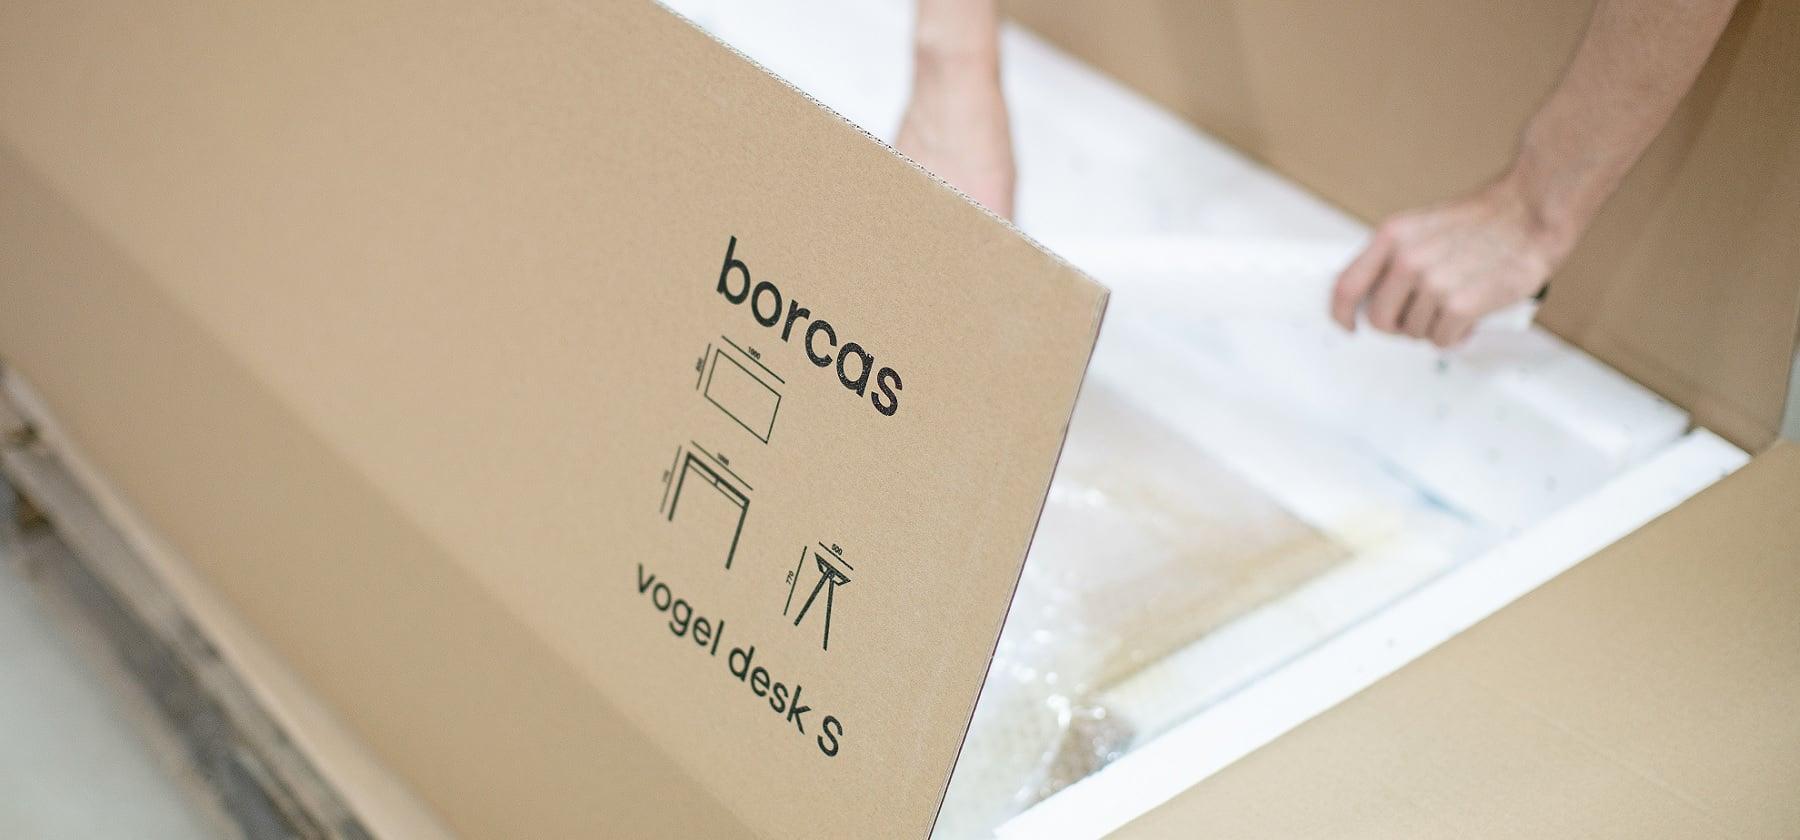 Pakowanie i wysyłka zamówienia borcas